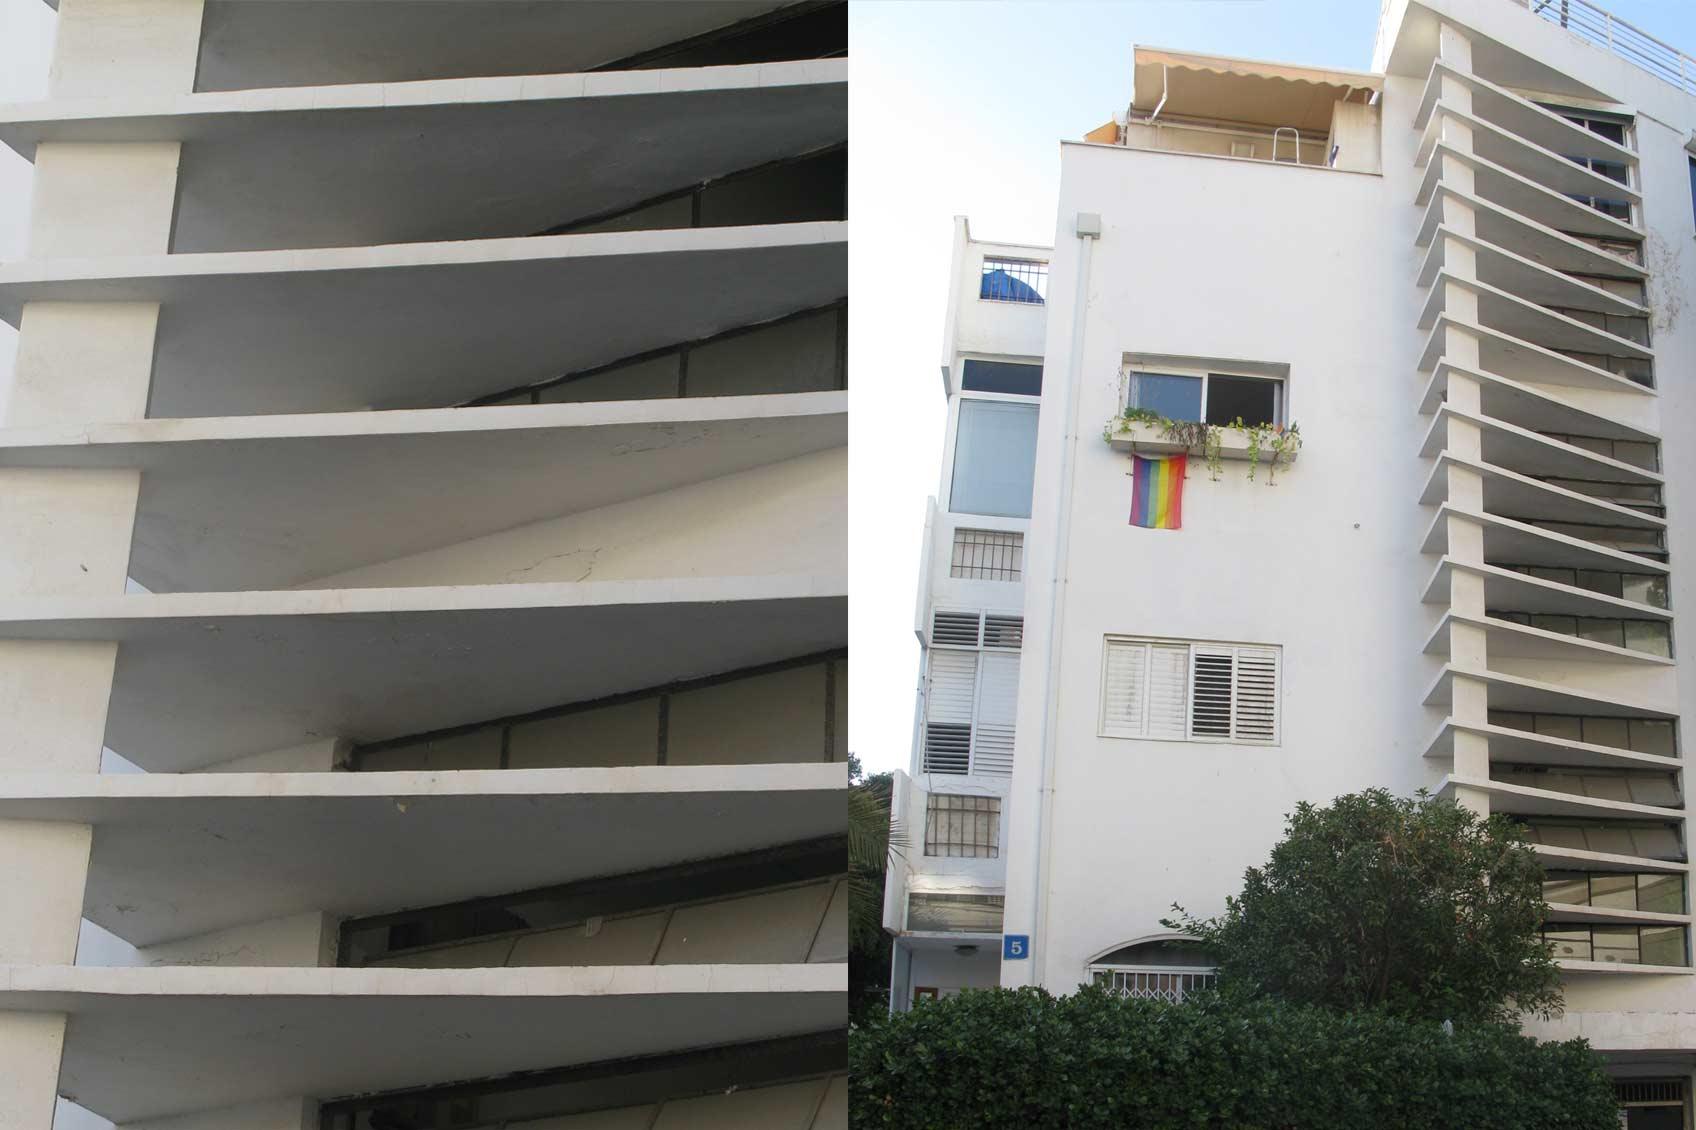 Full Size of Bauhaus Fenster Fensterbank Granit Einbauen Kosten Granitplatten Lassen Fenstergriff Fensterfolie Sichtschutz Blickdichte Fensterdichtung Fensterdichtungsband Fenster Bauhaus Fenster